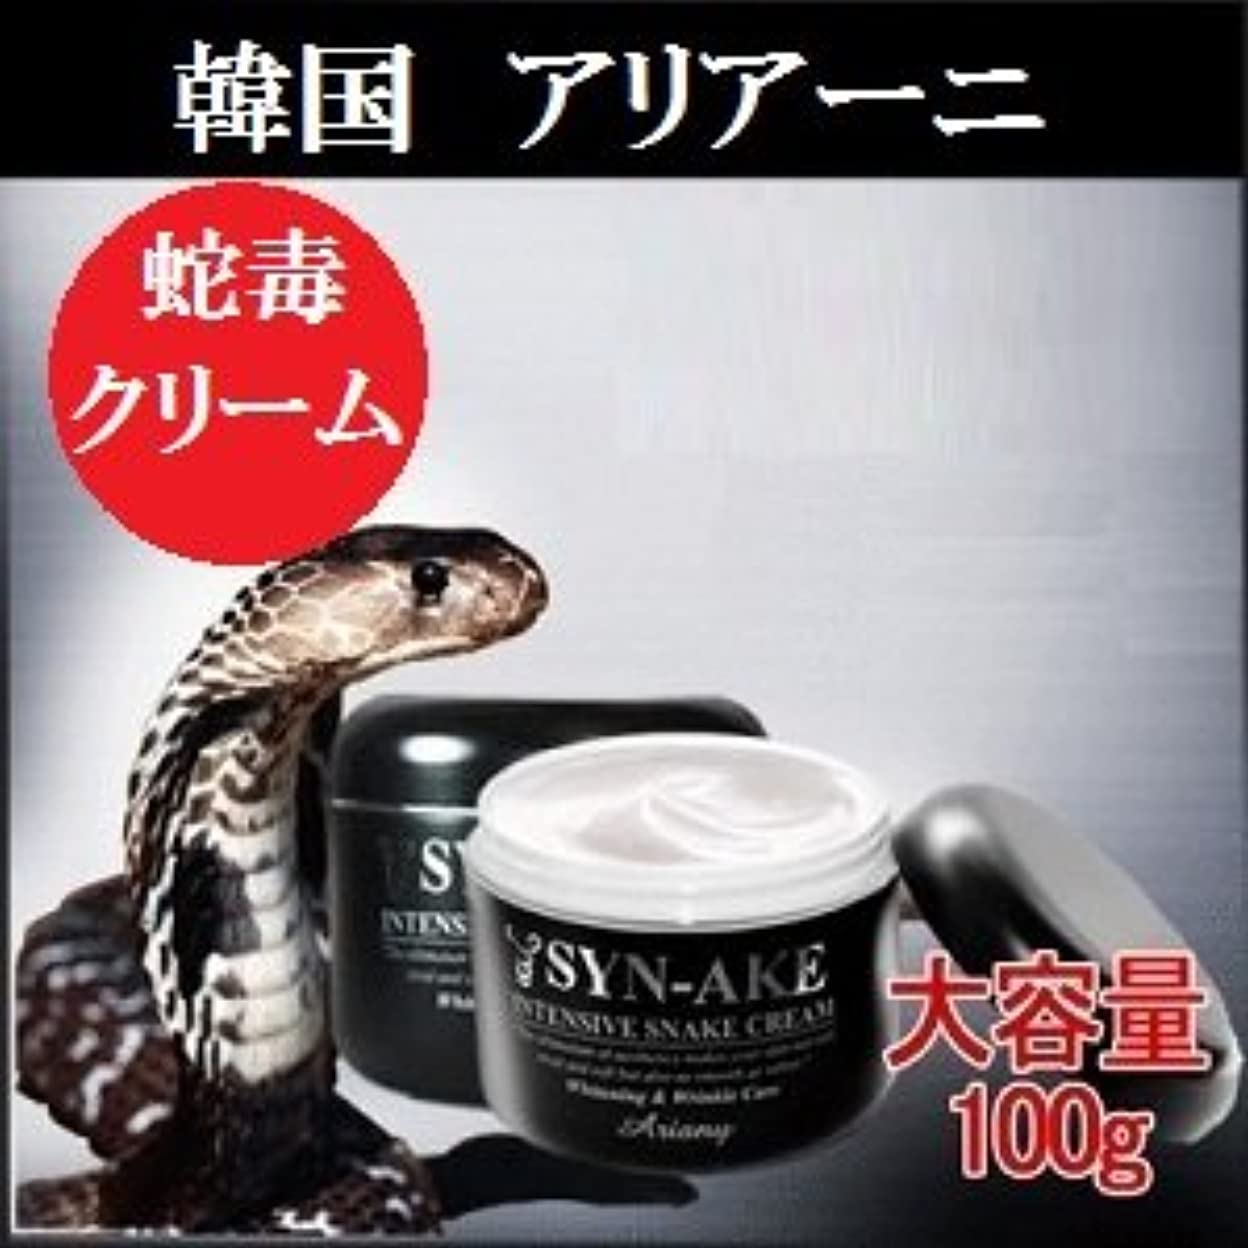 前置詞聖なる以来韓国アリアー二 (Ariany) シンエイク 毒蛇クリーム